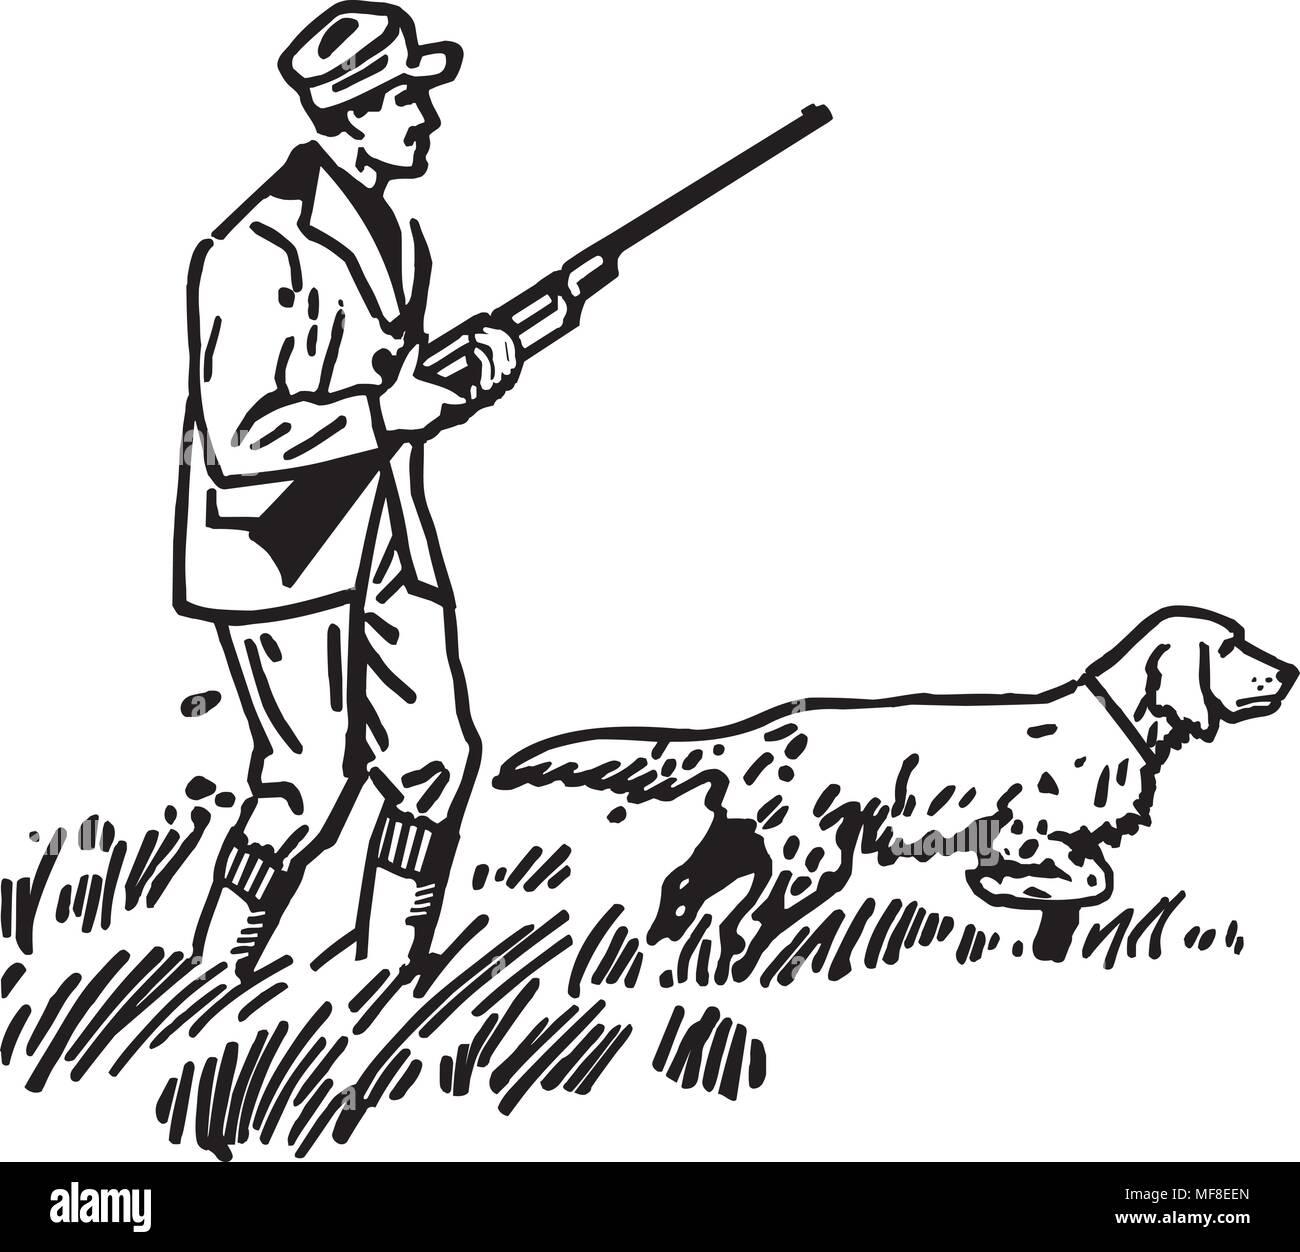 Jäger Mit Hund Retro Clipart Illustration Vektor Abbildung Bild